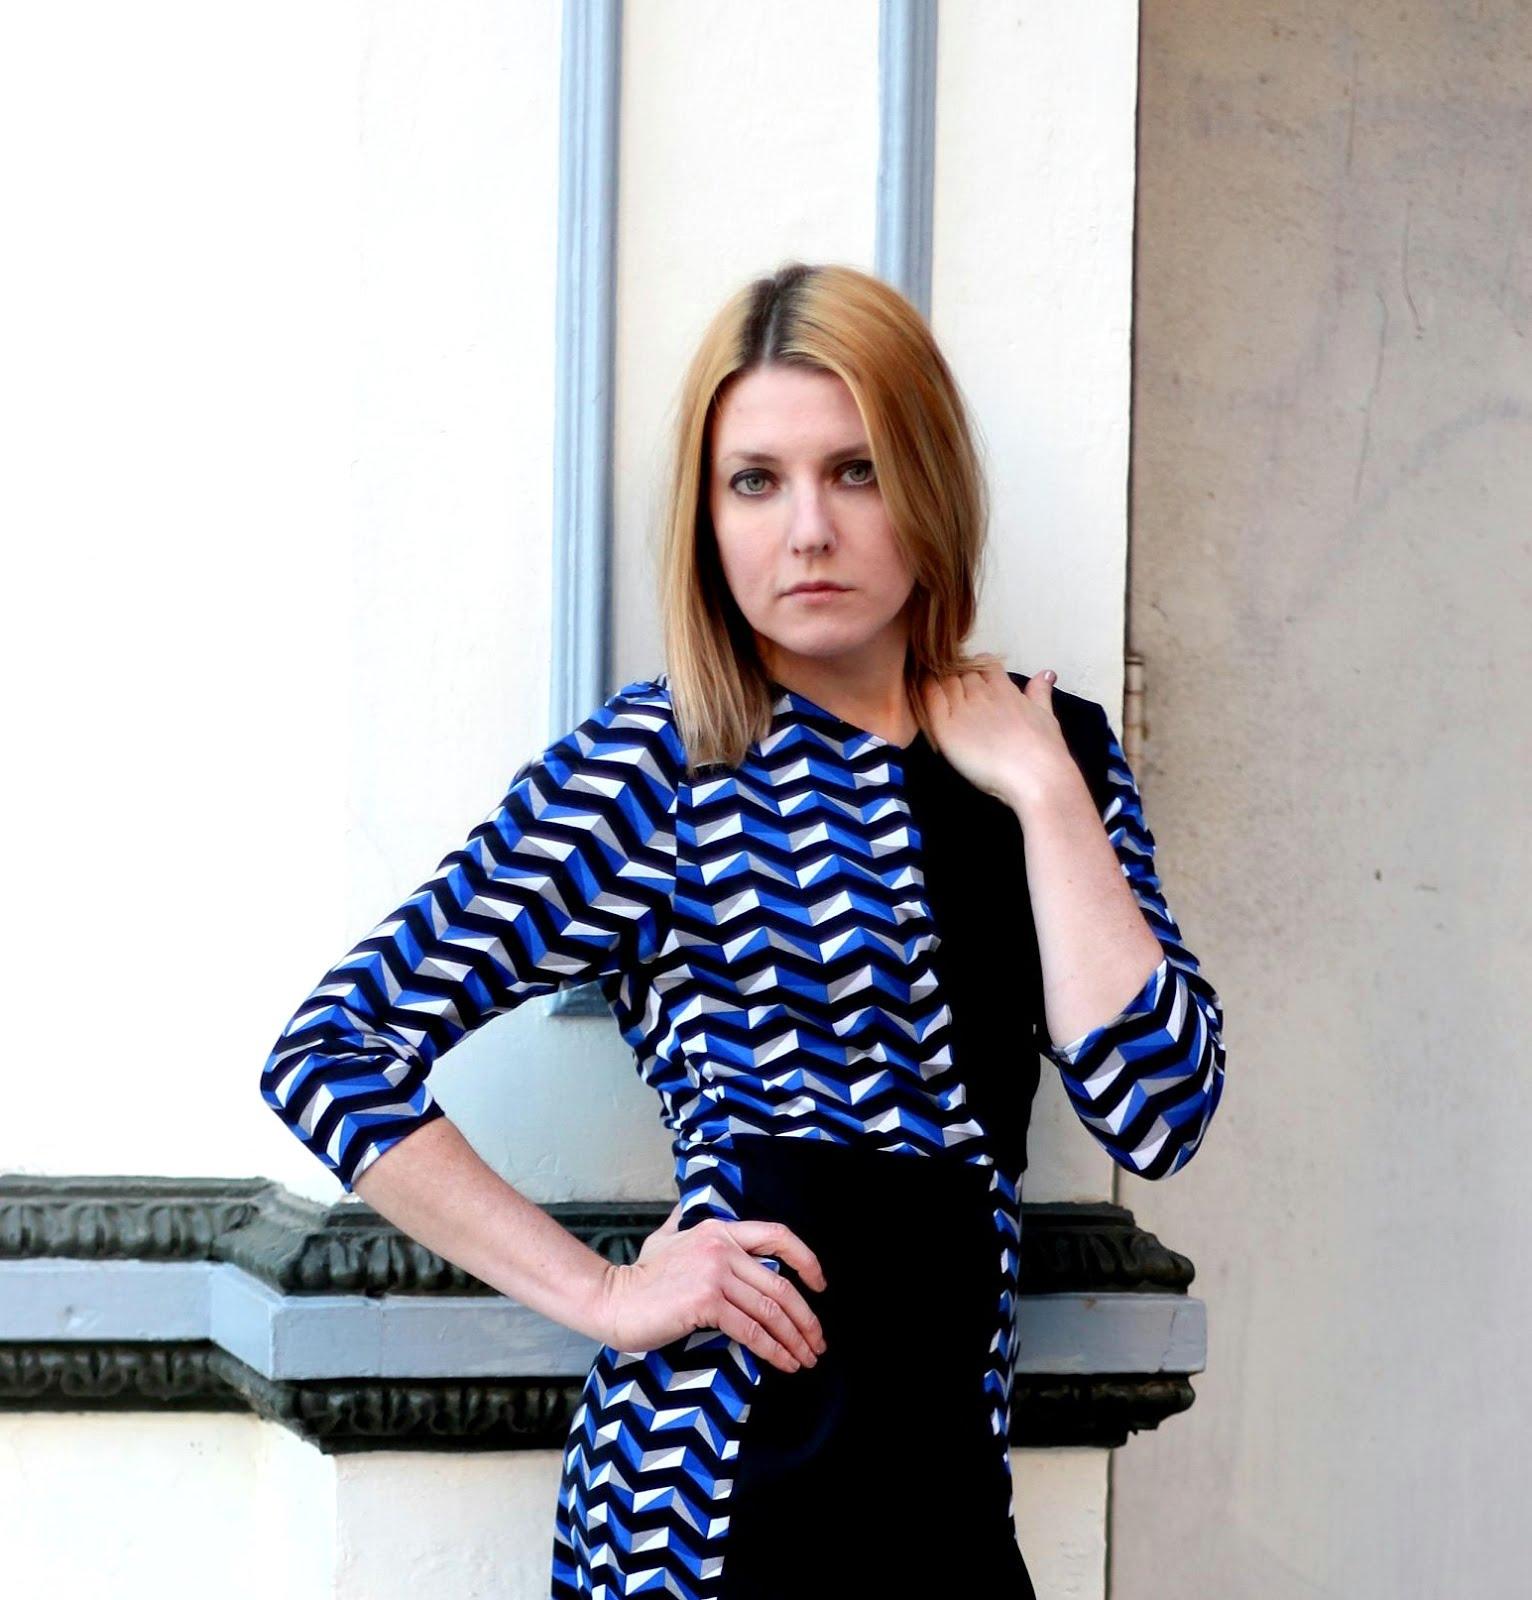 MEET TESSA KOLLER